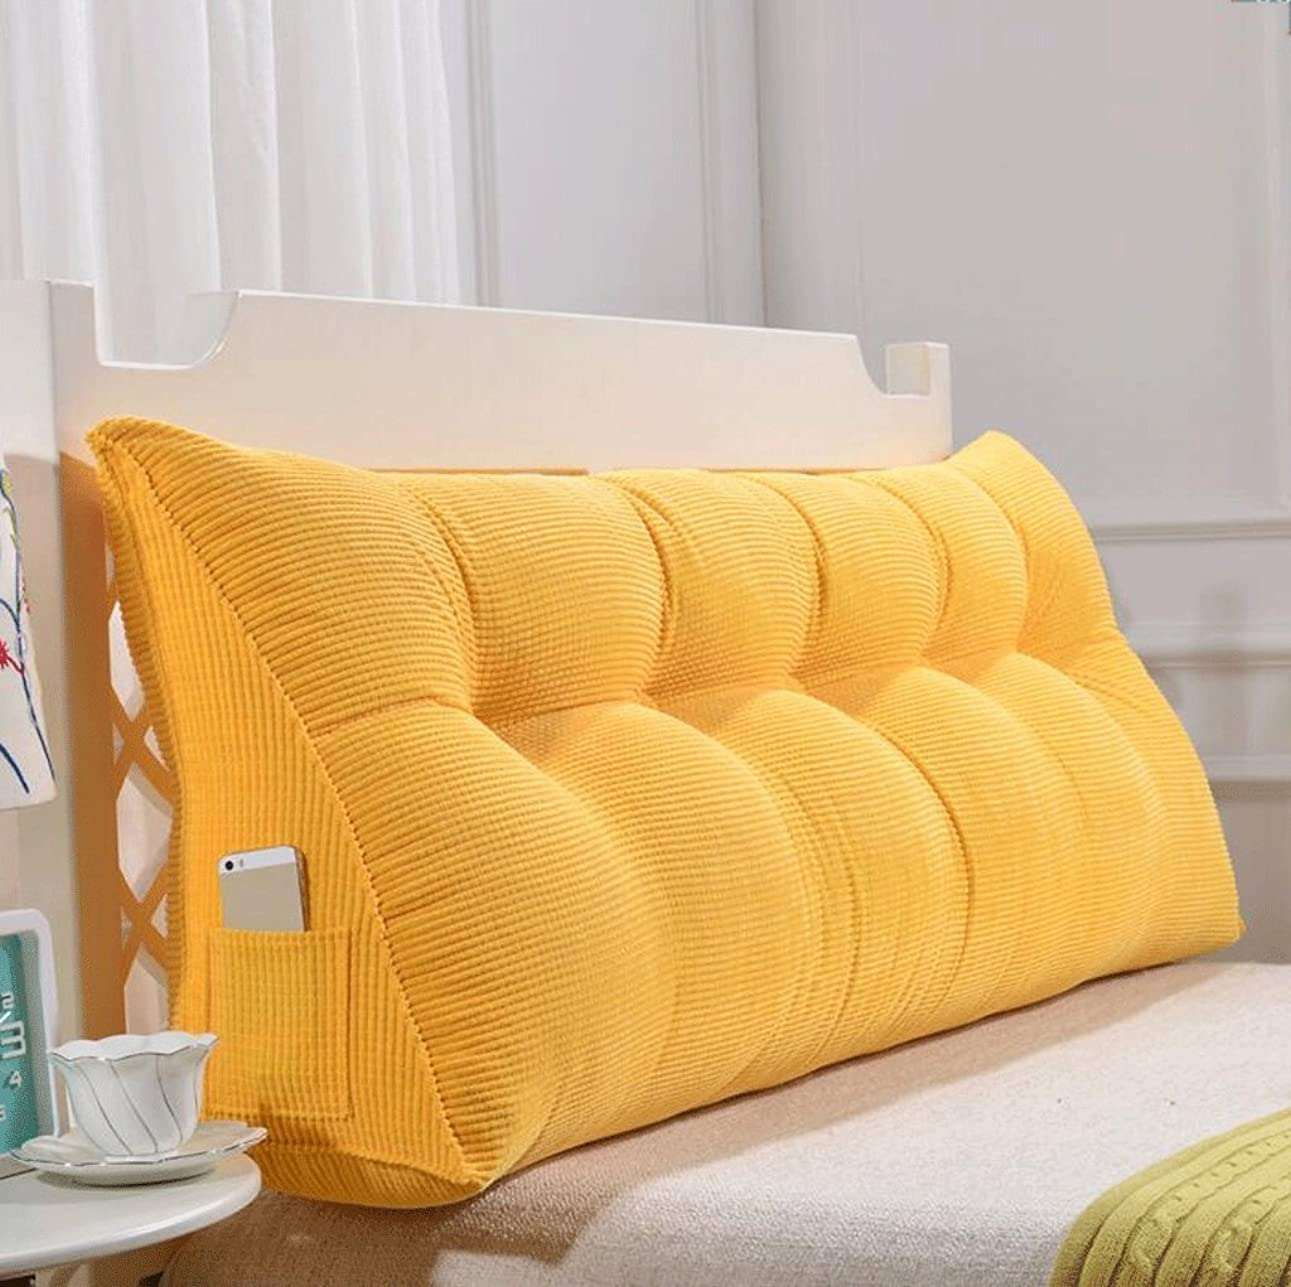 庭園海峡ひも意識2J-QingYun Trade 三角形のソファーベッド大きい塗りつぶされた三角形のくさびのクッションの寝室のベッドのあと振れ止めの枕読書枕取り外し可能なカバーが付いているオフィスの腰椎パッド、8色、9サイズのベッドのあと振れ止めパッド (Color : 3, サイズ : 150cm)